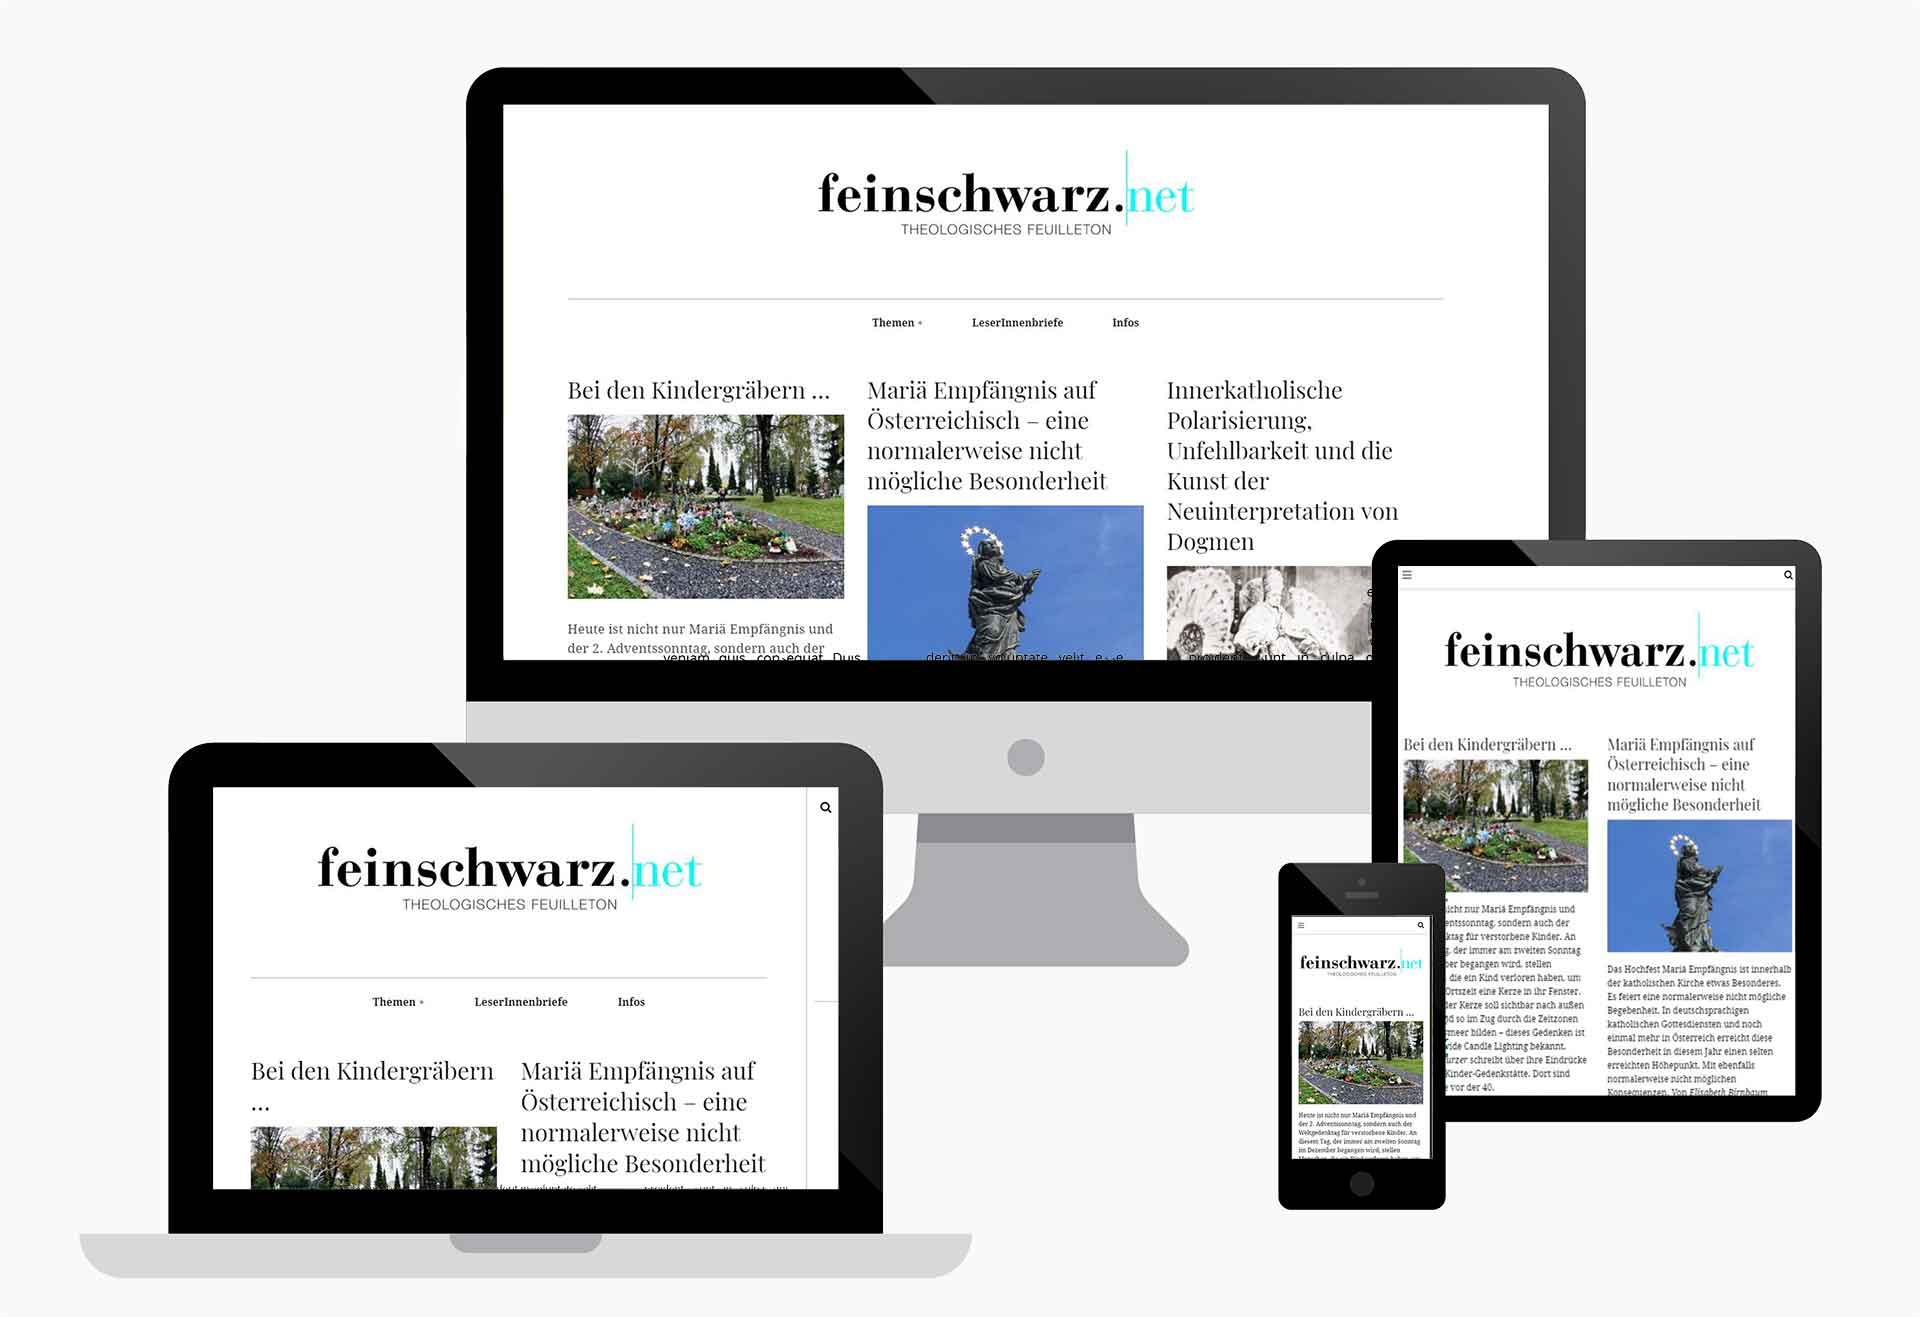 feinschwarz.net